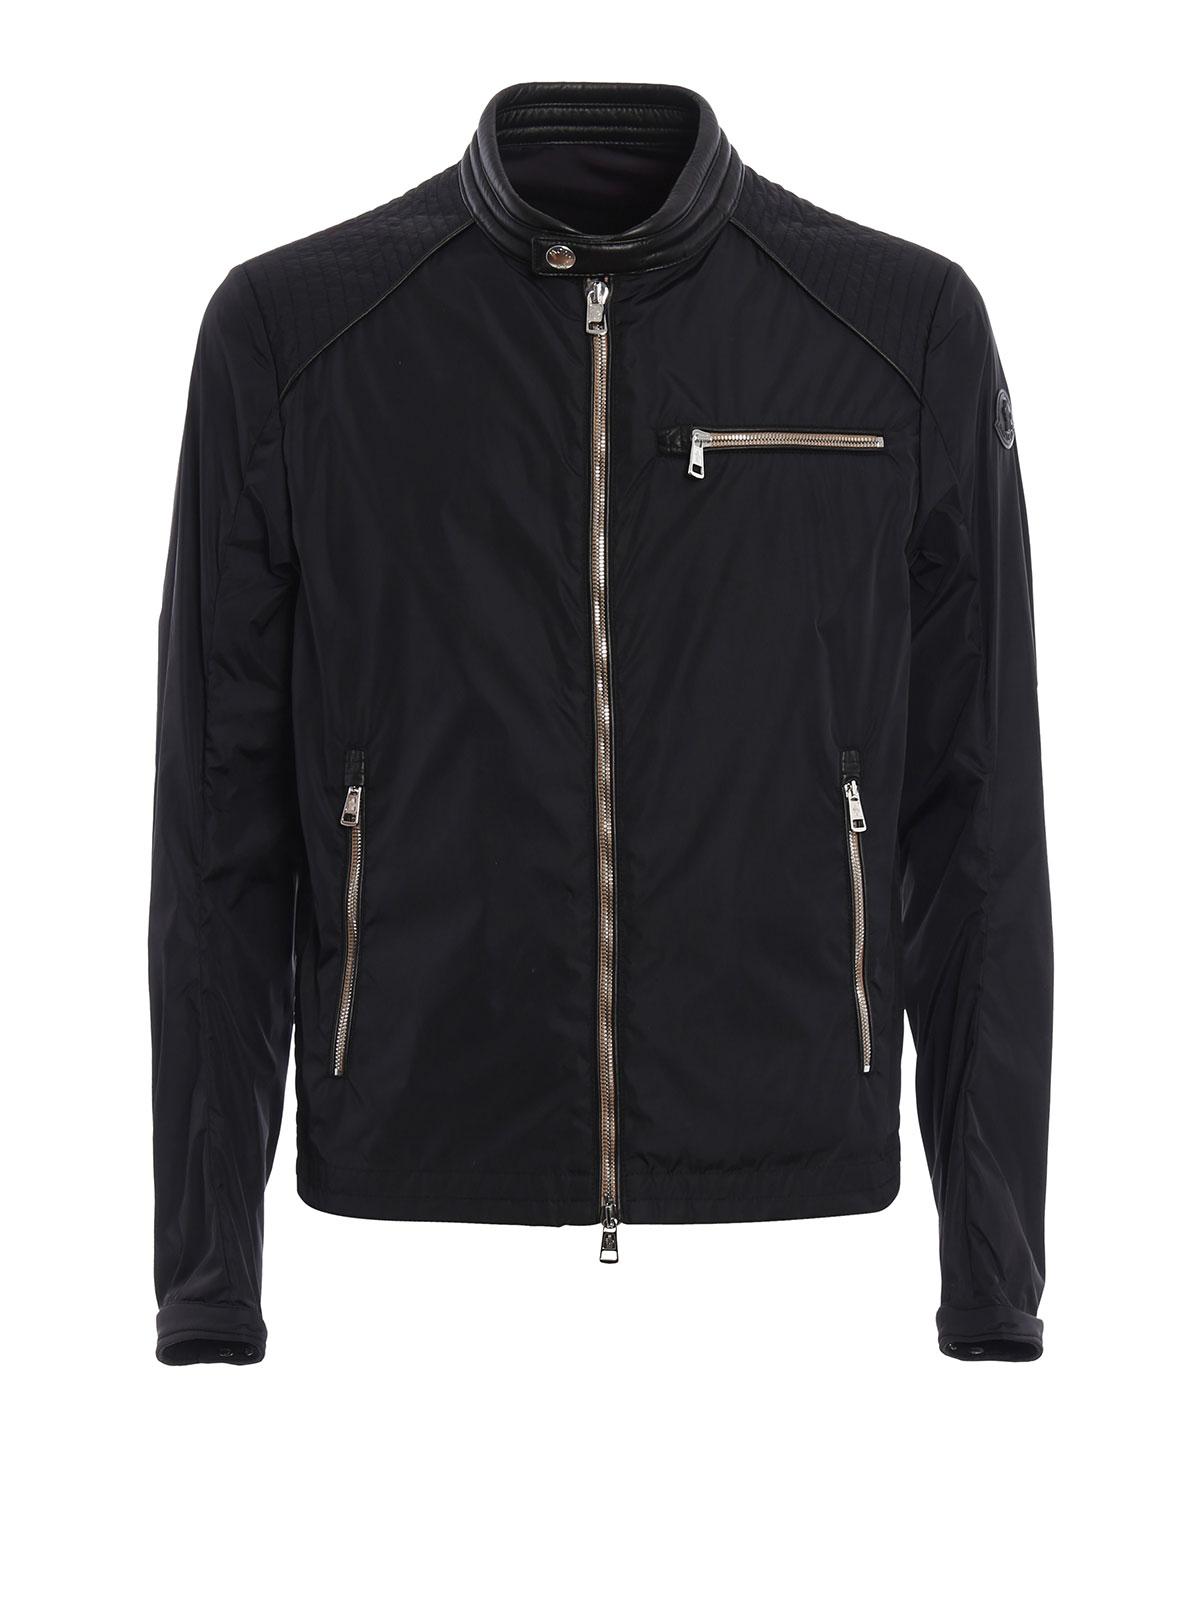 promo code 8dd21 24dc3 Moncler - Giubbotto Mercure dettagli in pelle - giacche ...